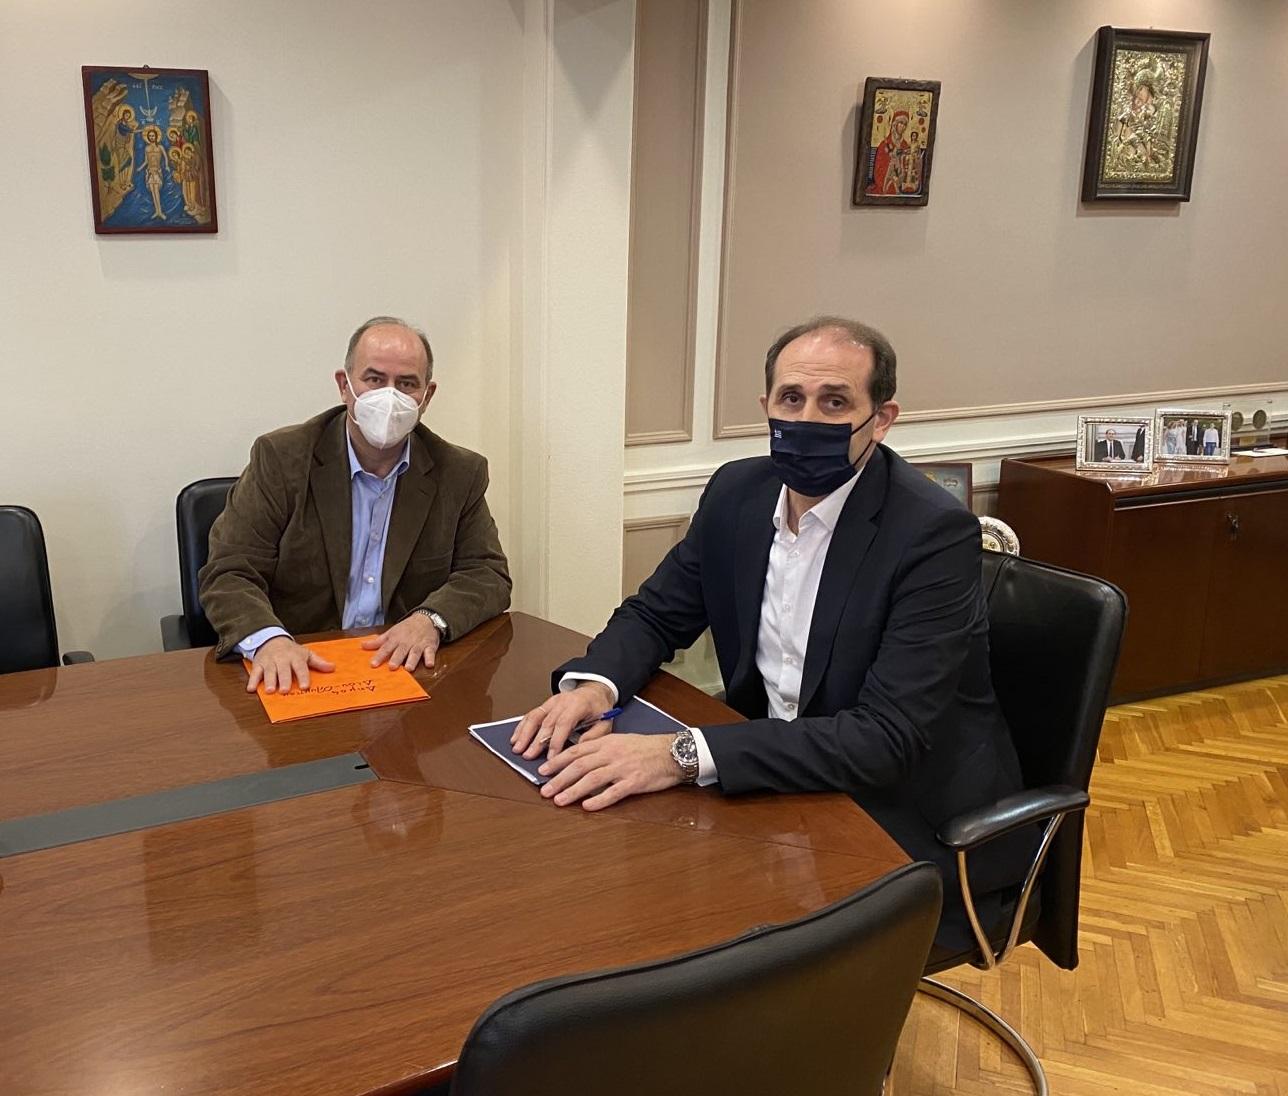 Δήμαρχος Δίου-Ολύμπου Βαγγέλης Γερολιόλιος - Υφυπουργός Οικονομικών Απόστολος Βεσυρόπουλος